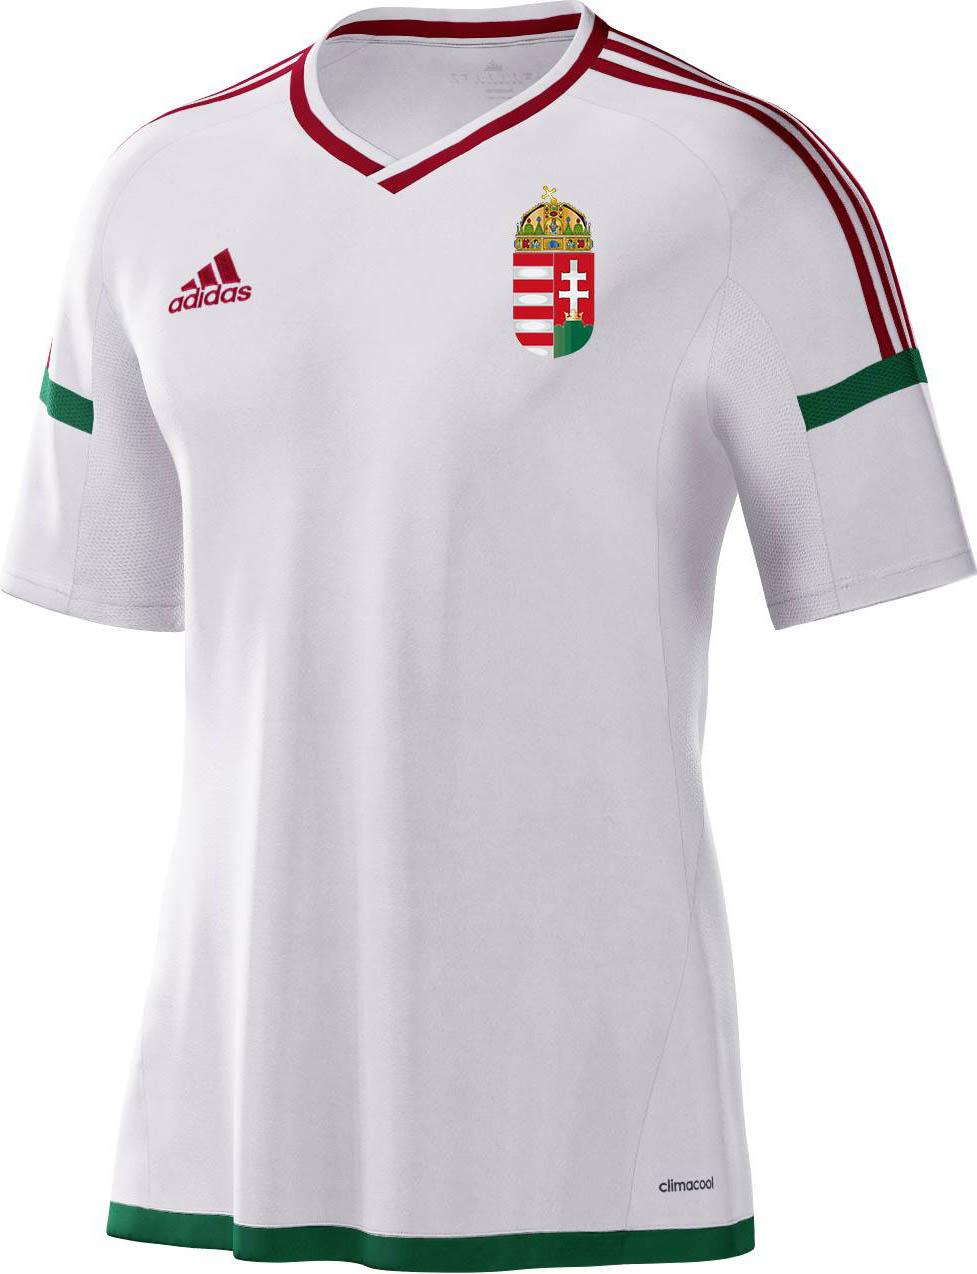 fb0d01dd0e2d0 Adidas apresenta as novas camisas da Hungria - Show de Camisas